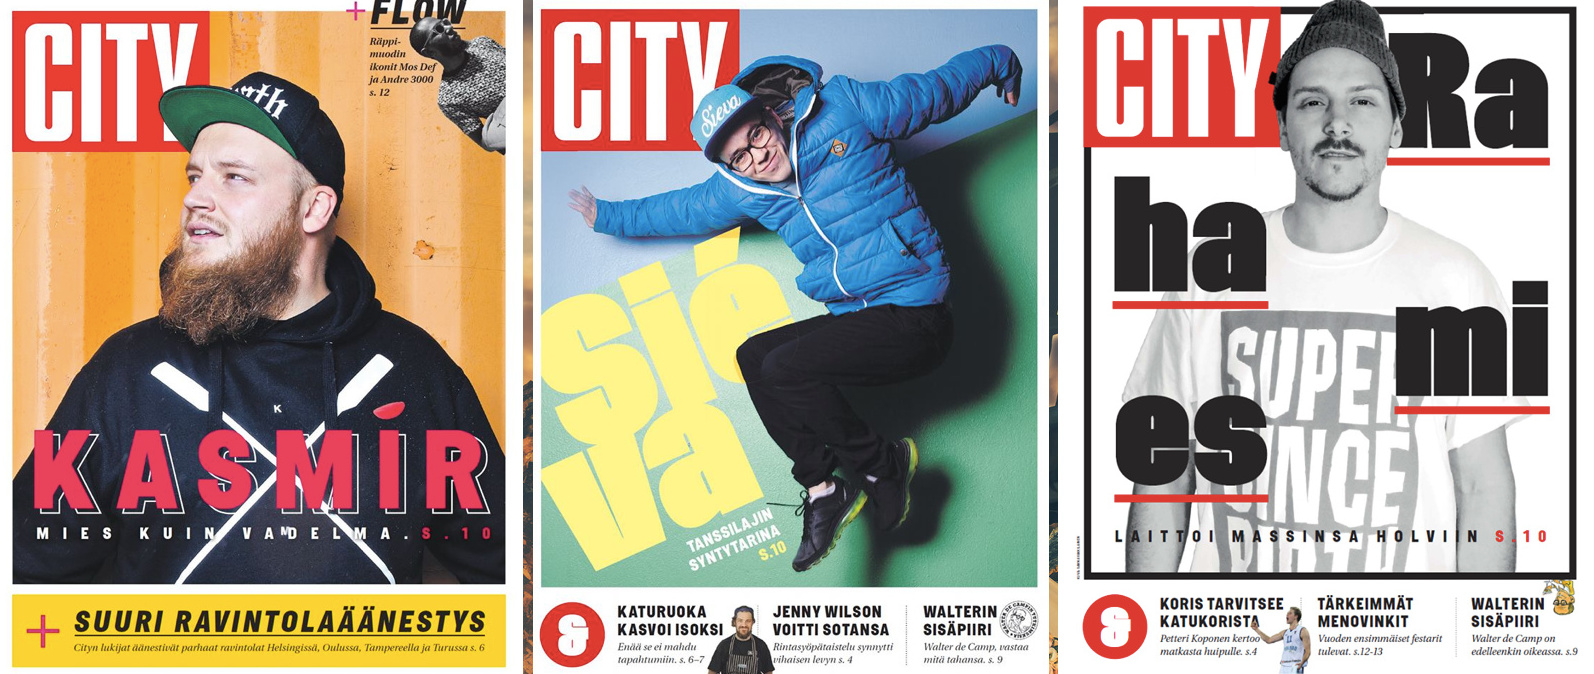 Tältä näyttää uusi City-lehti